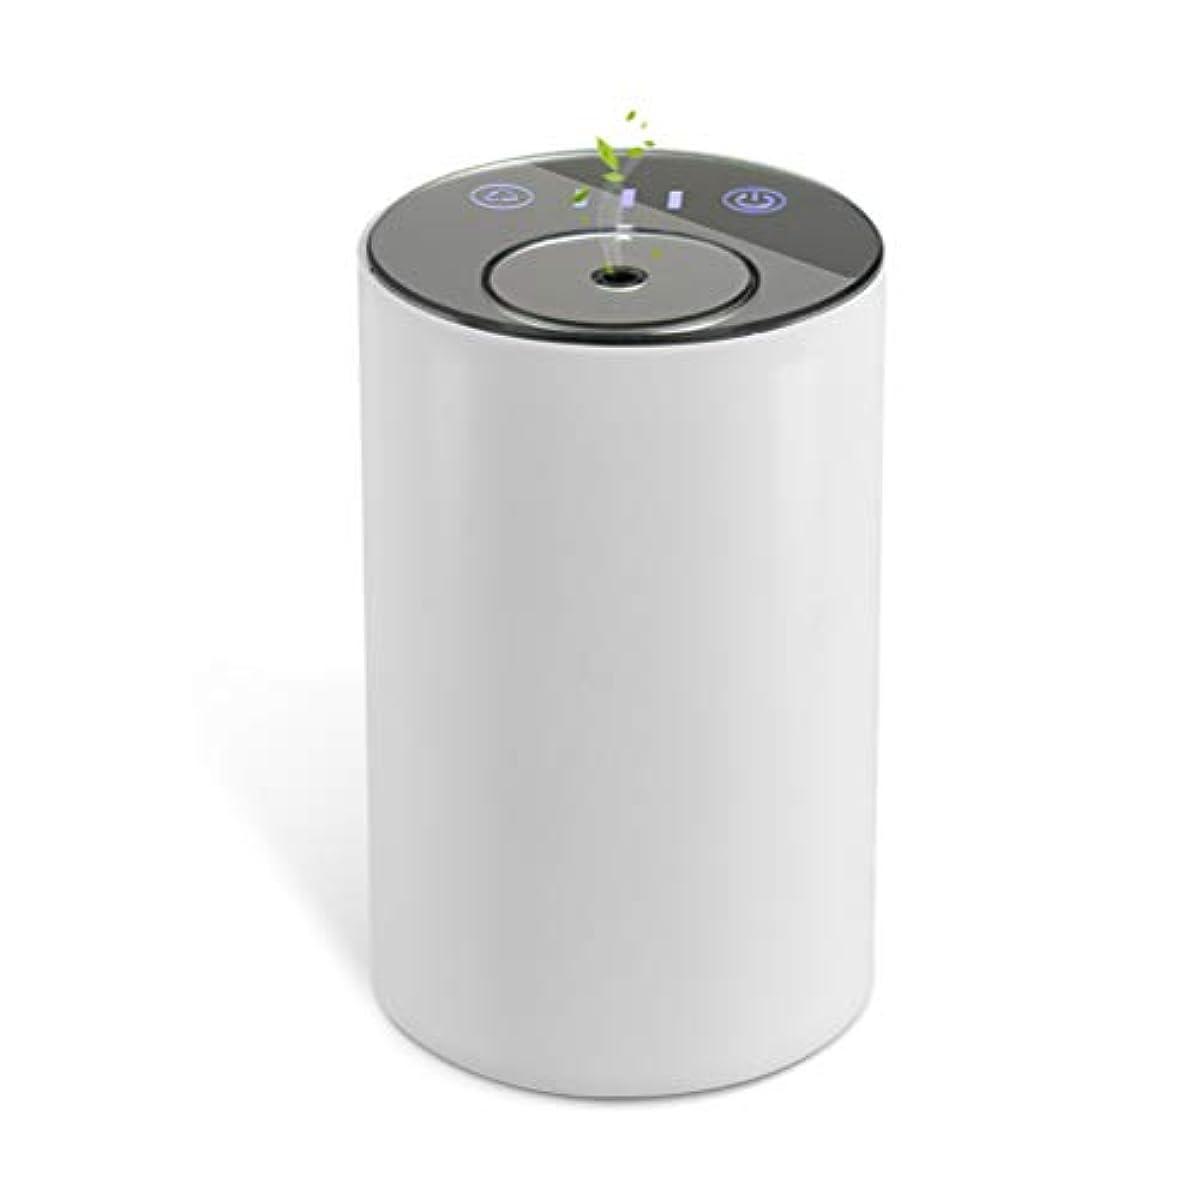 接尾辞トロピカル実用的アロマディフューザー ネブライザー式 水なし 充電式 静音 噴霧 ミスト量調整可 タイマー機能 車用 エッセンシャルオイルの節約